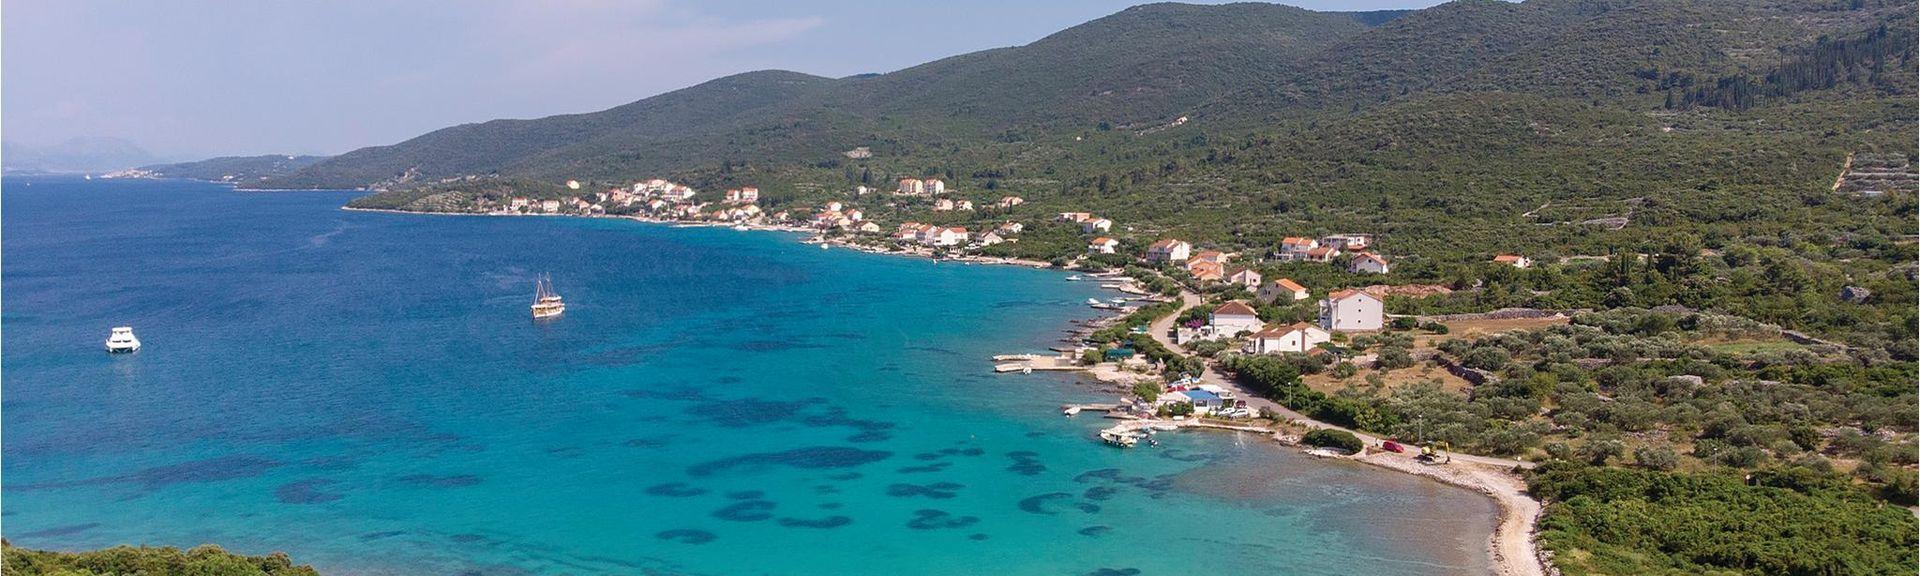 Smokvica, Korčula, Croatia